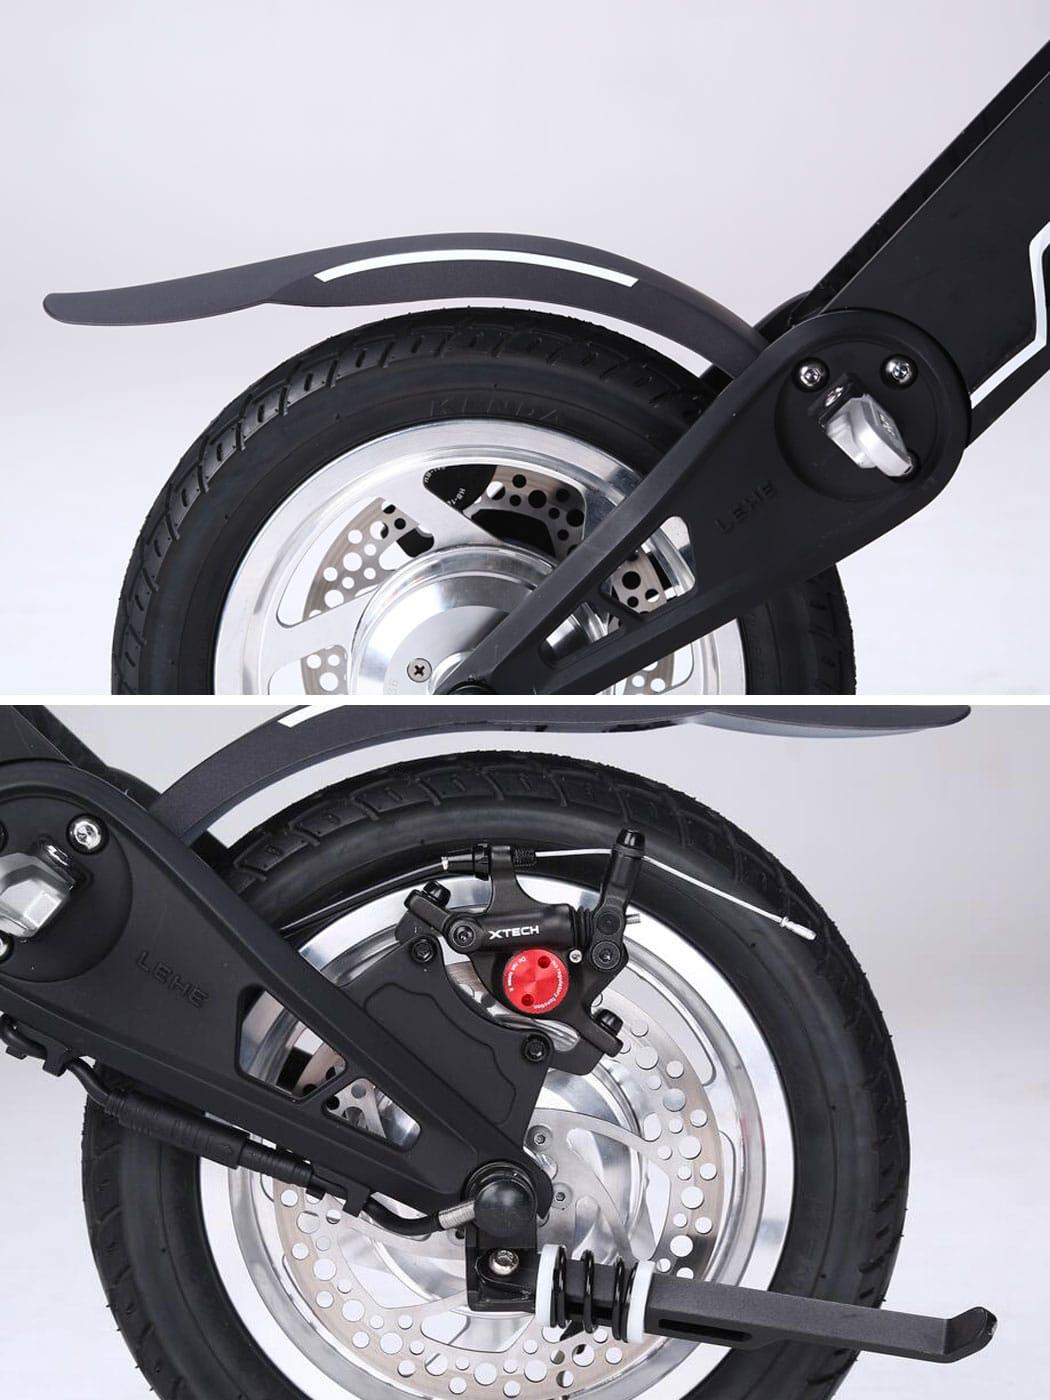 lehe k1 48v mini scooter draisienne 20